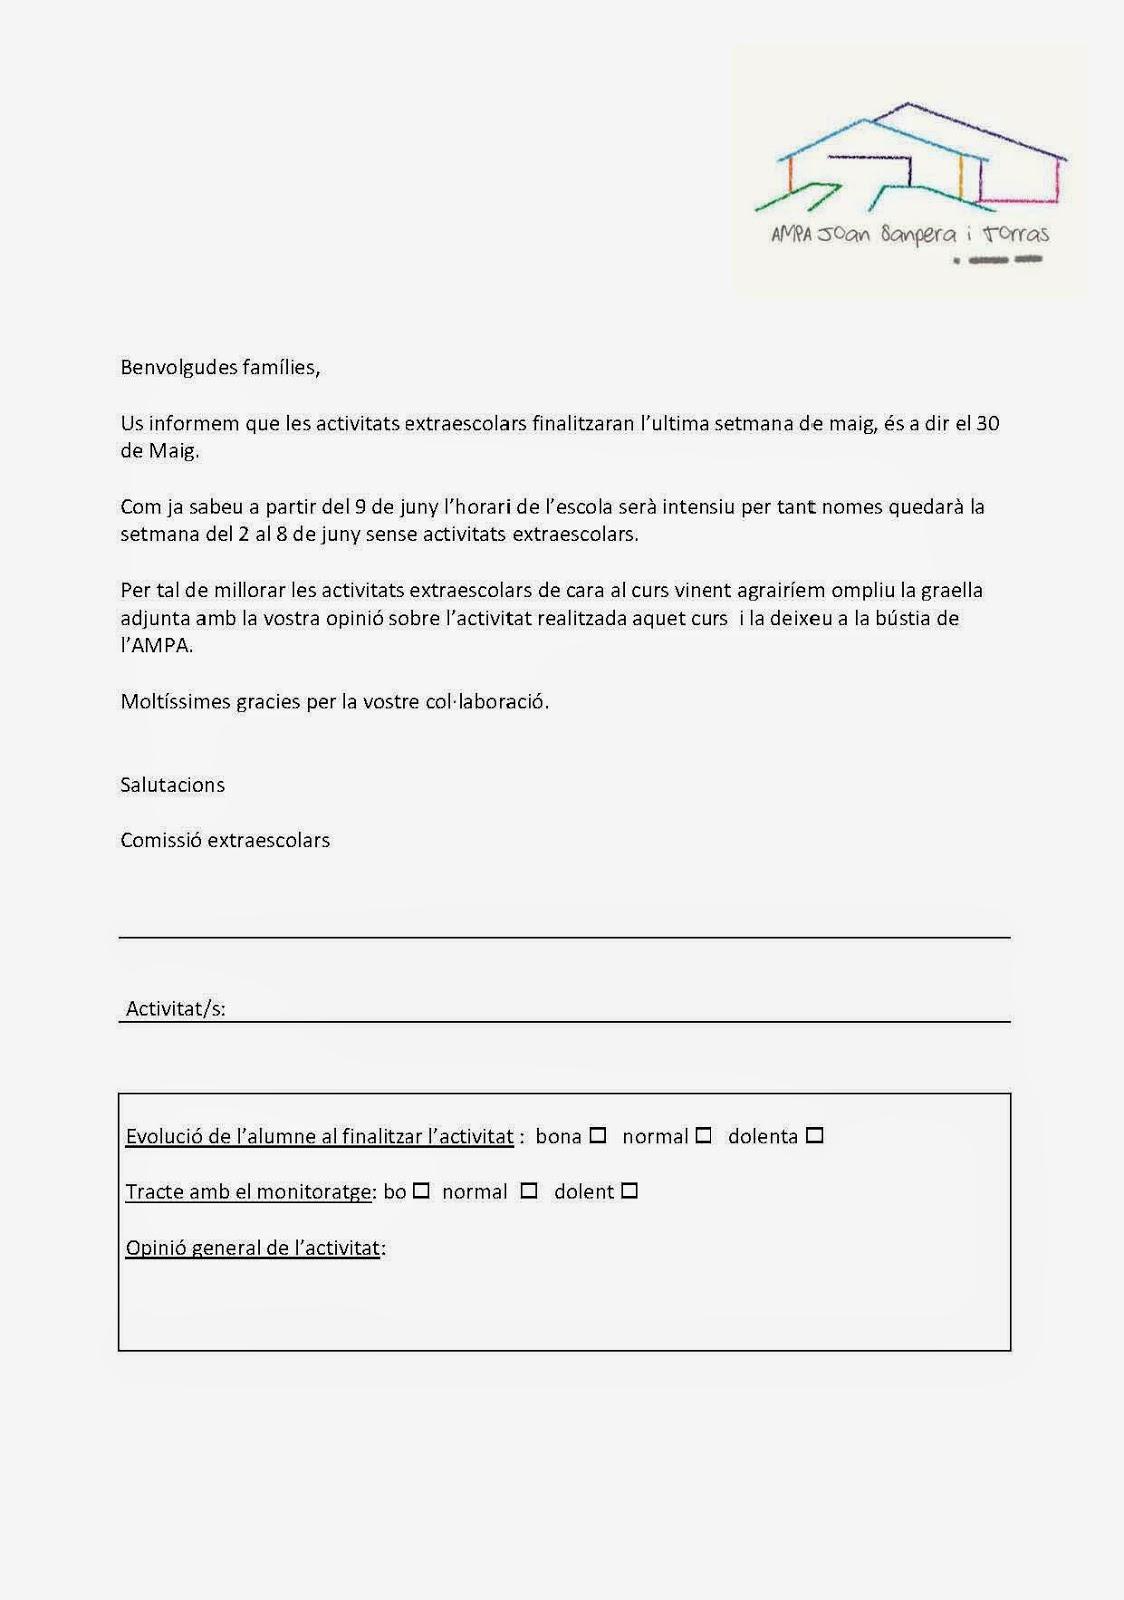 Finalització i avaluació extraescolars 2014